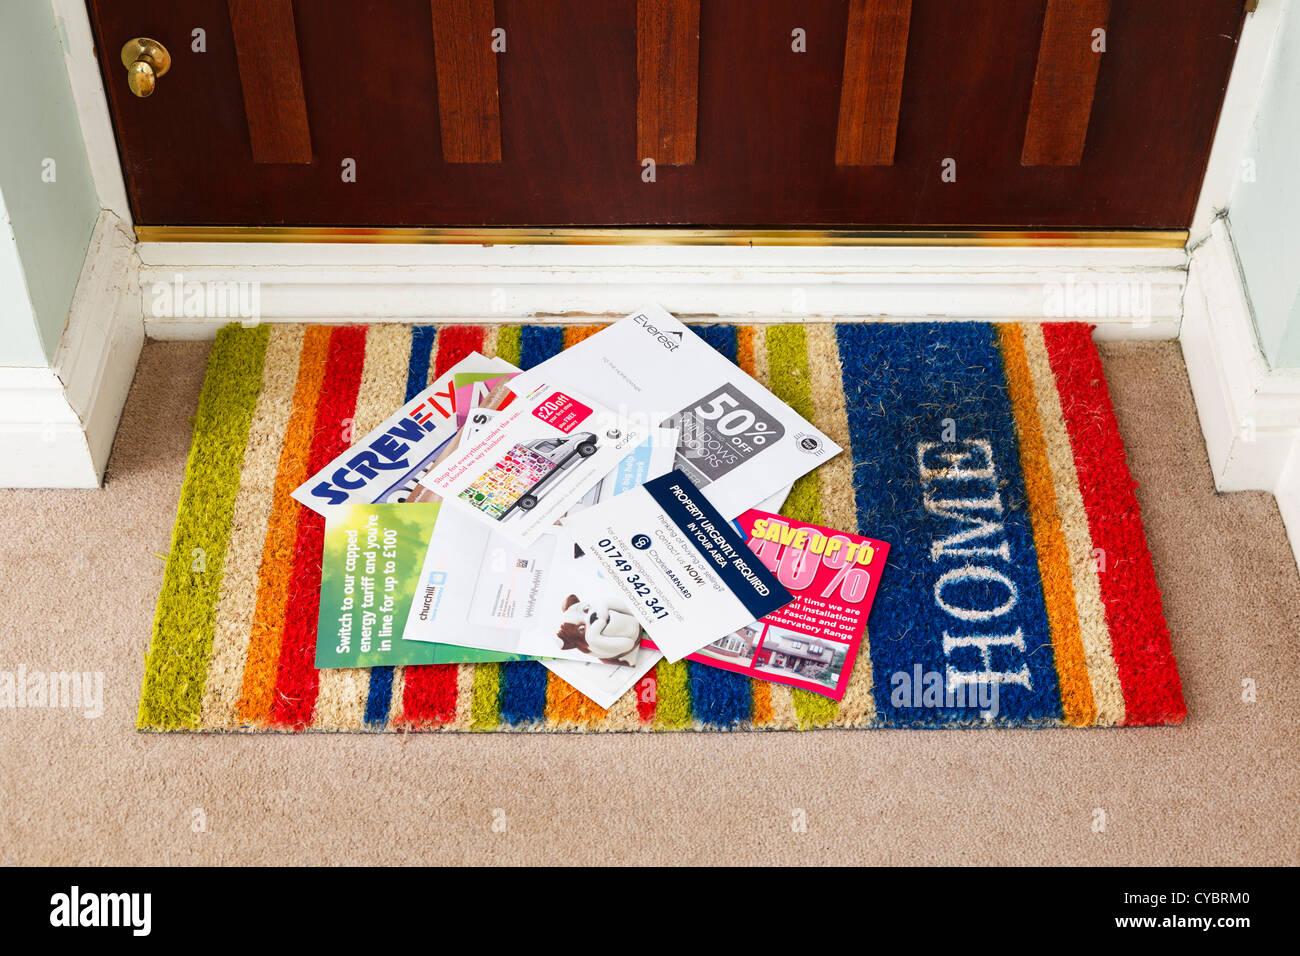 Junk-e-Mail auf eine Fußmatte in einem Haus, UK - Details geändert, für die Sicherheit Stockbild